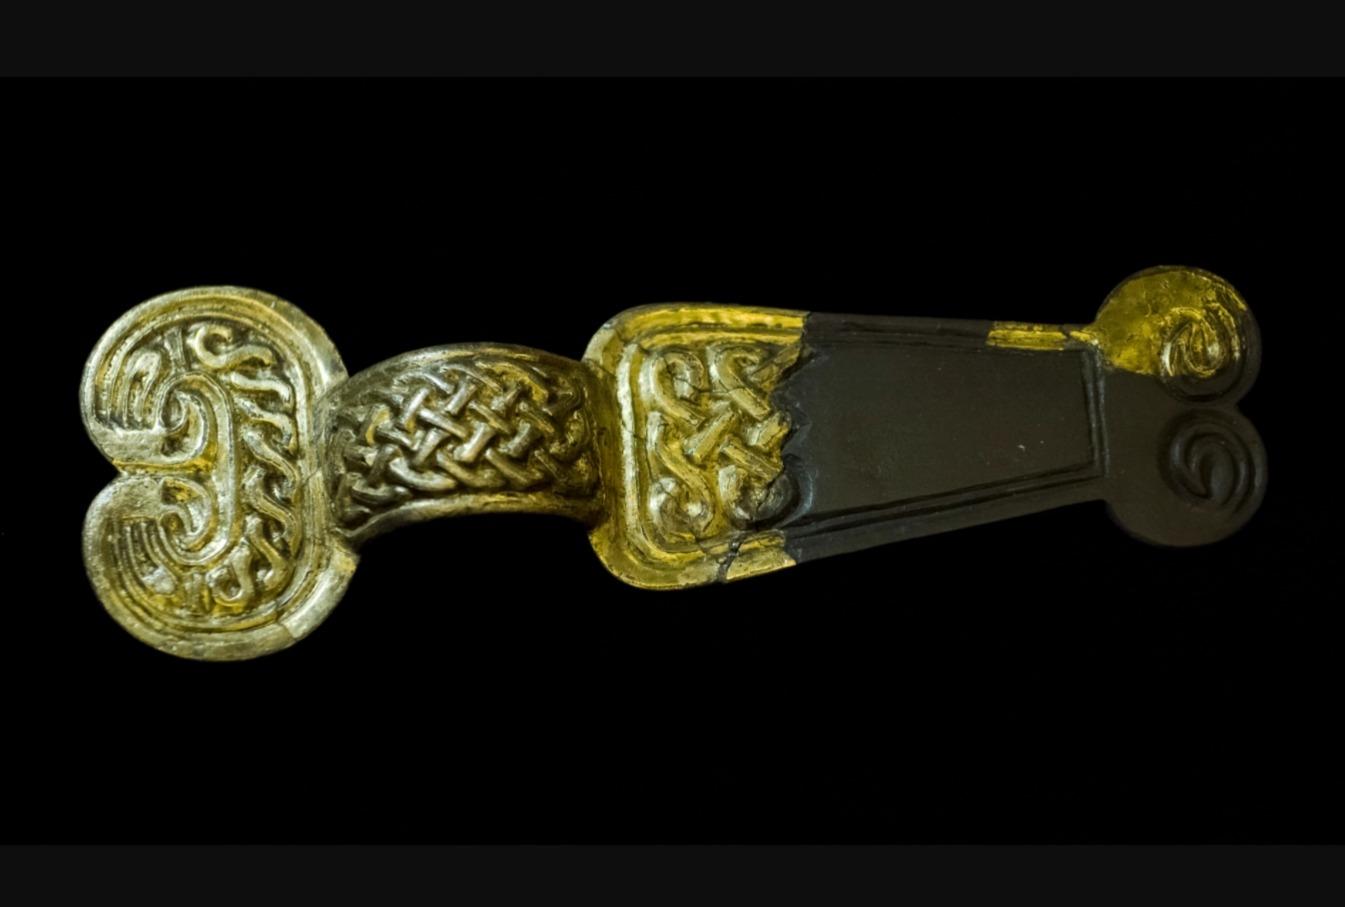 Vergulde domburgfibula met dierkop- en vlechtbandversiering, Swichum, 600 - 700 na Chr.,